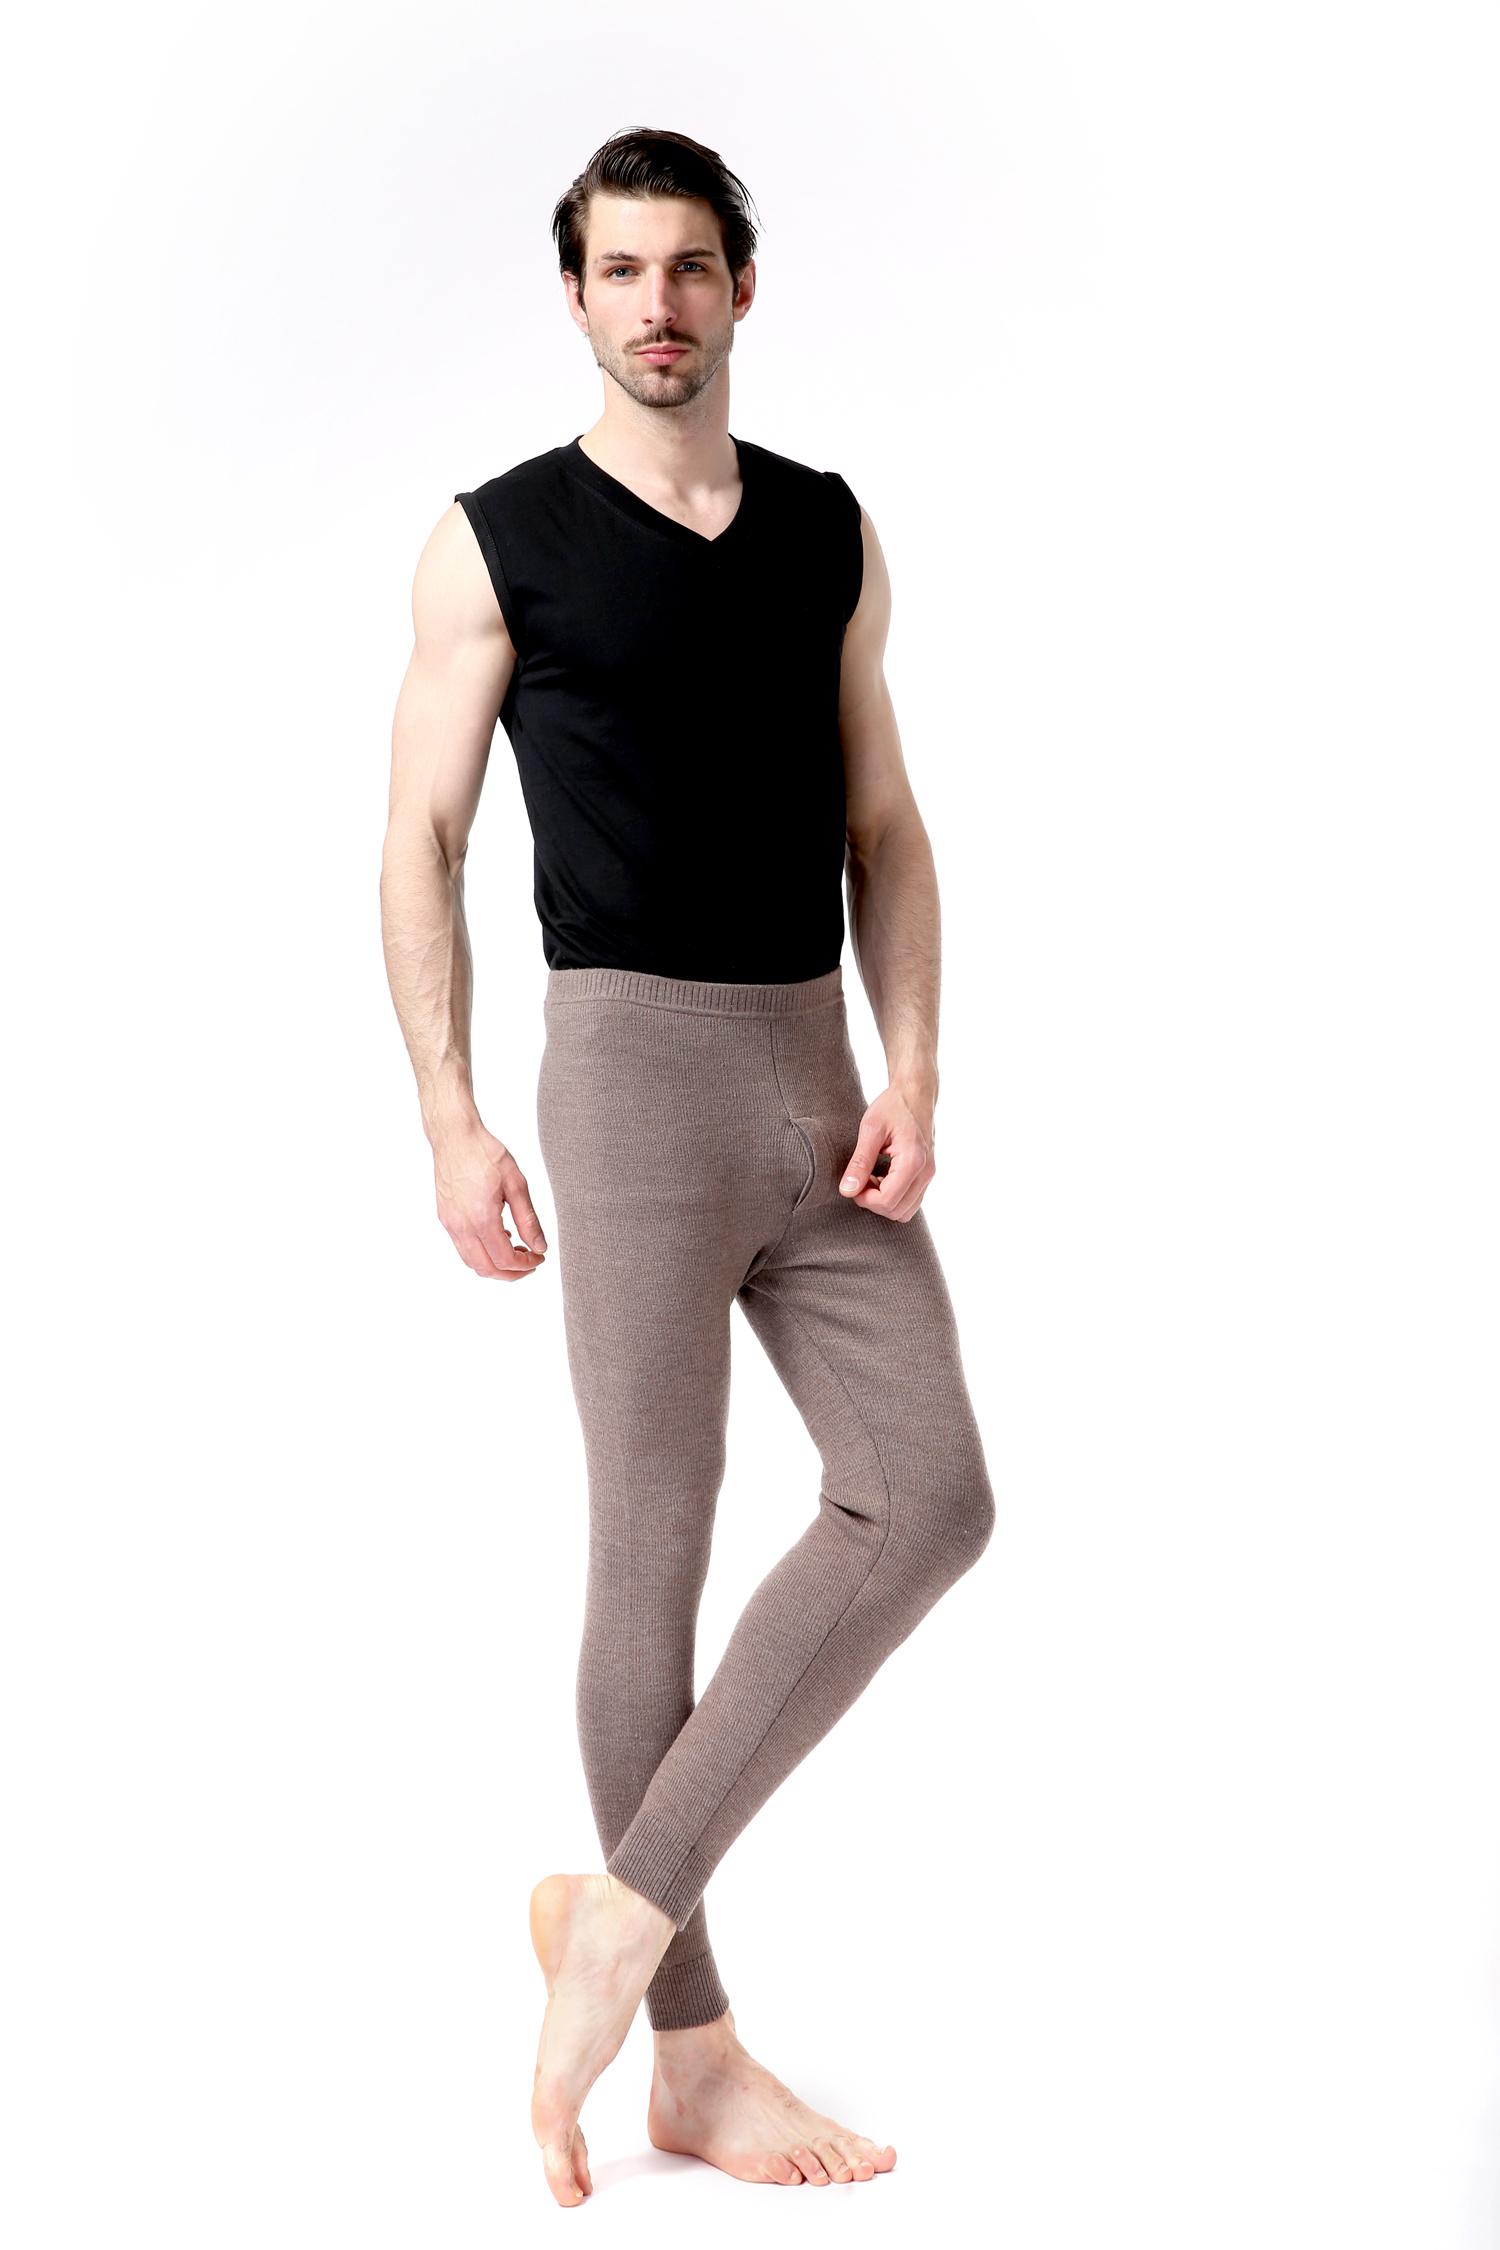 打底裤代理:最优质的都兰诺斯澳毛男抽条裤要到哪儿买